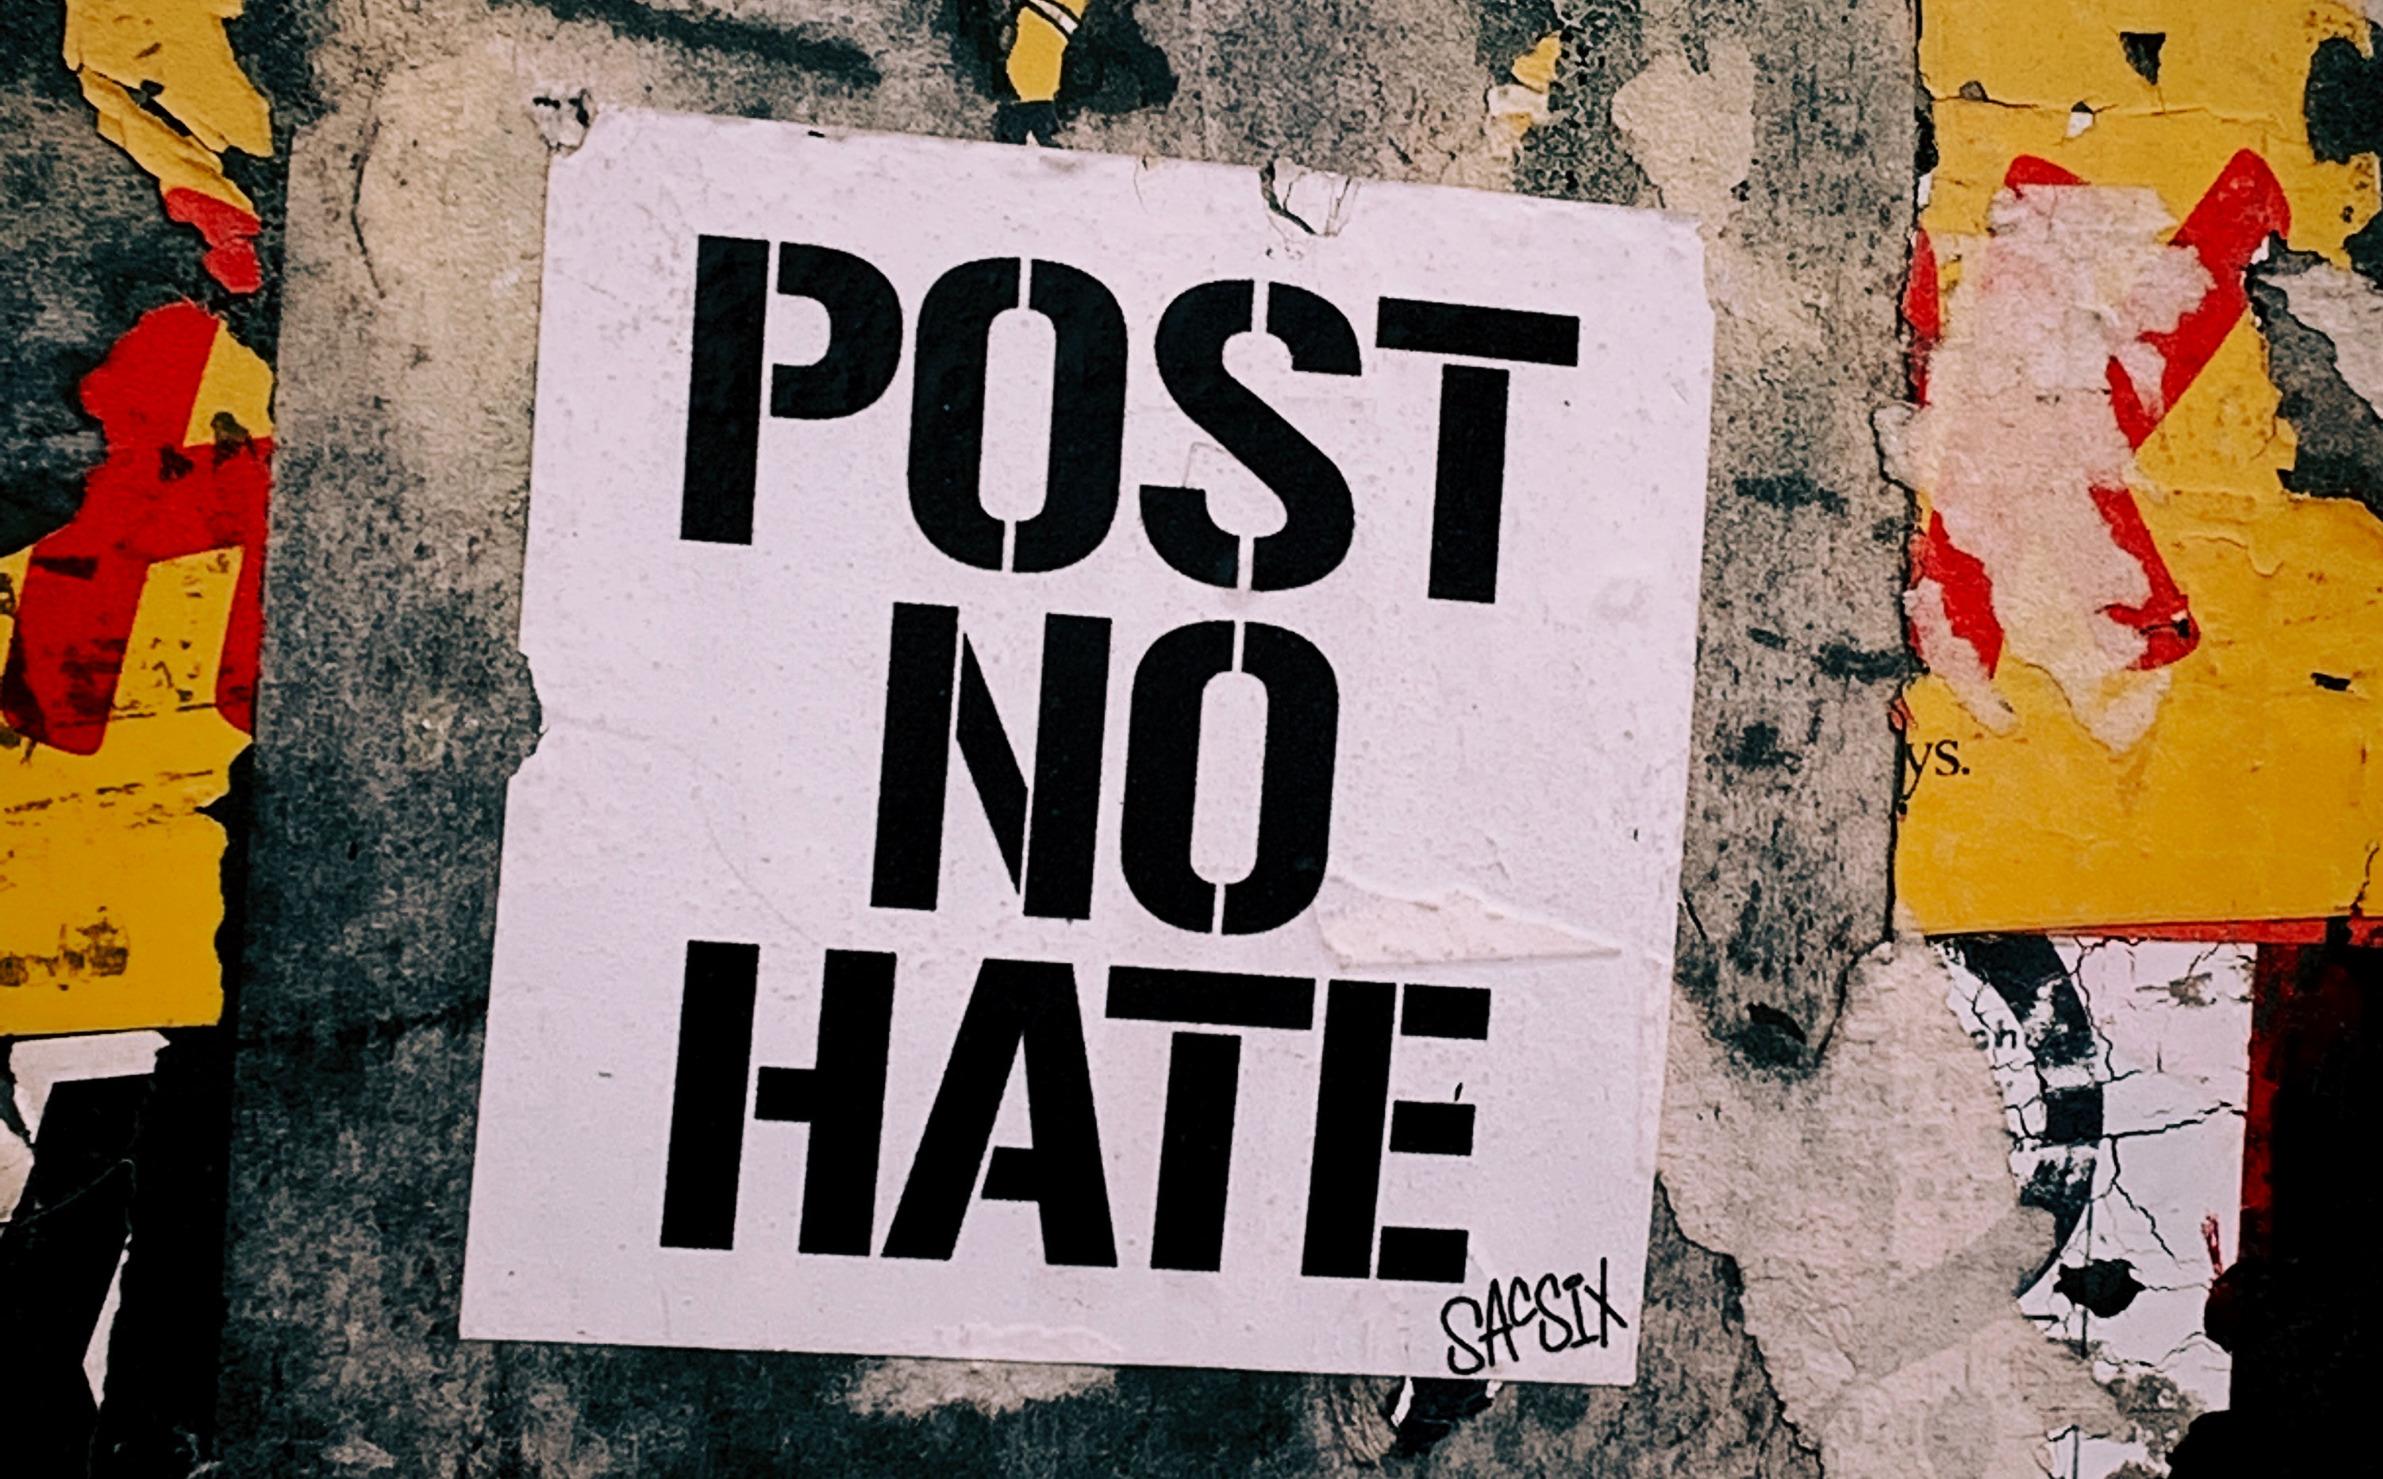 Auf einer stark abgenutzten Außenwand klebt ein Plakat in großen schwarzen Buchstaben auf weissem Grund auf dem steht: Post no hate.